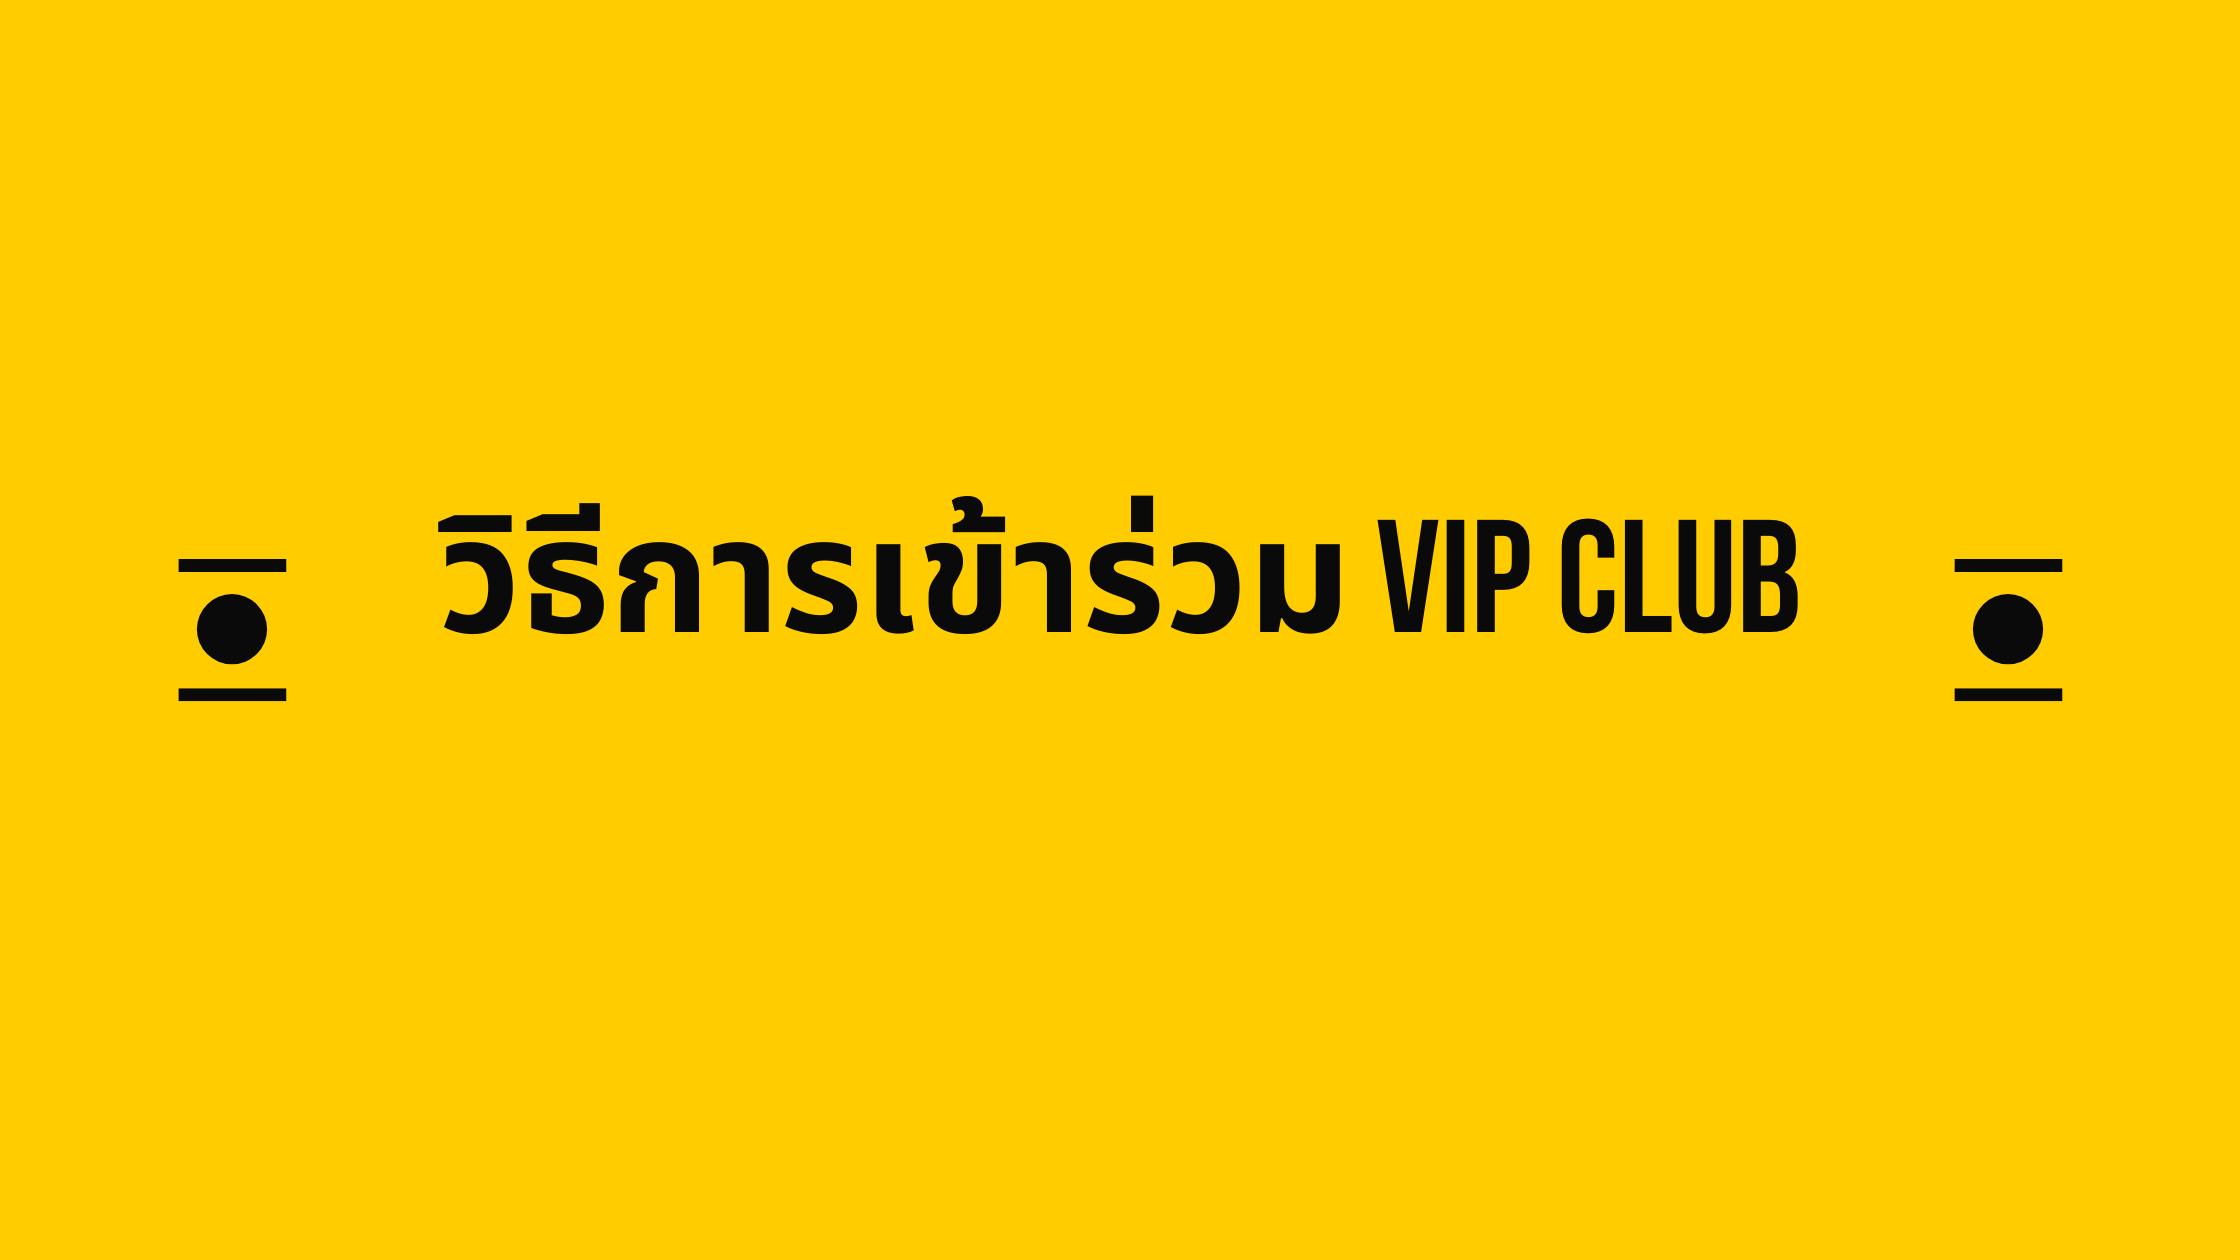 วิธีการเข้าร่วม vip club